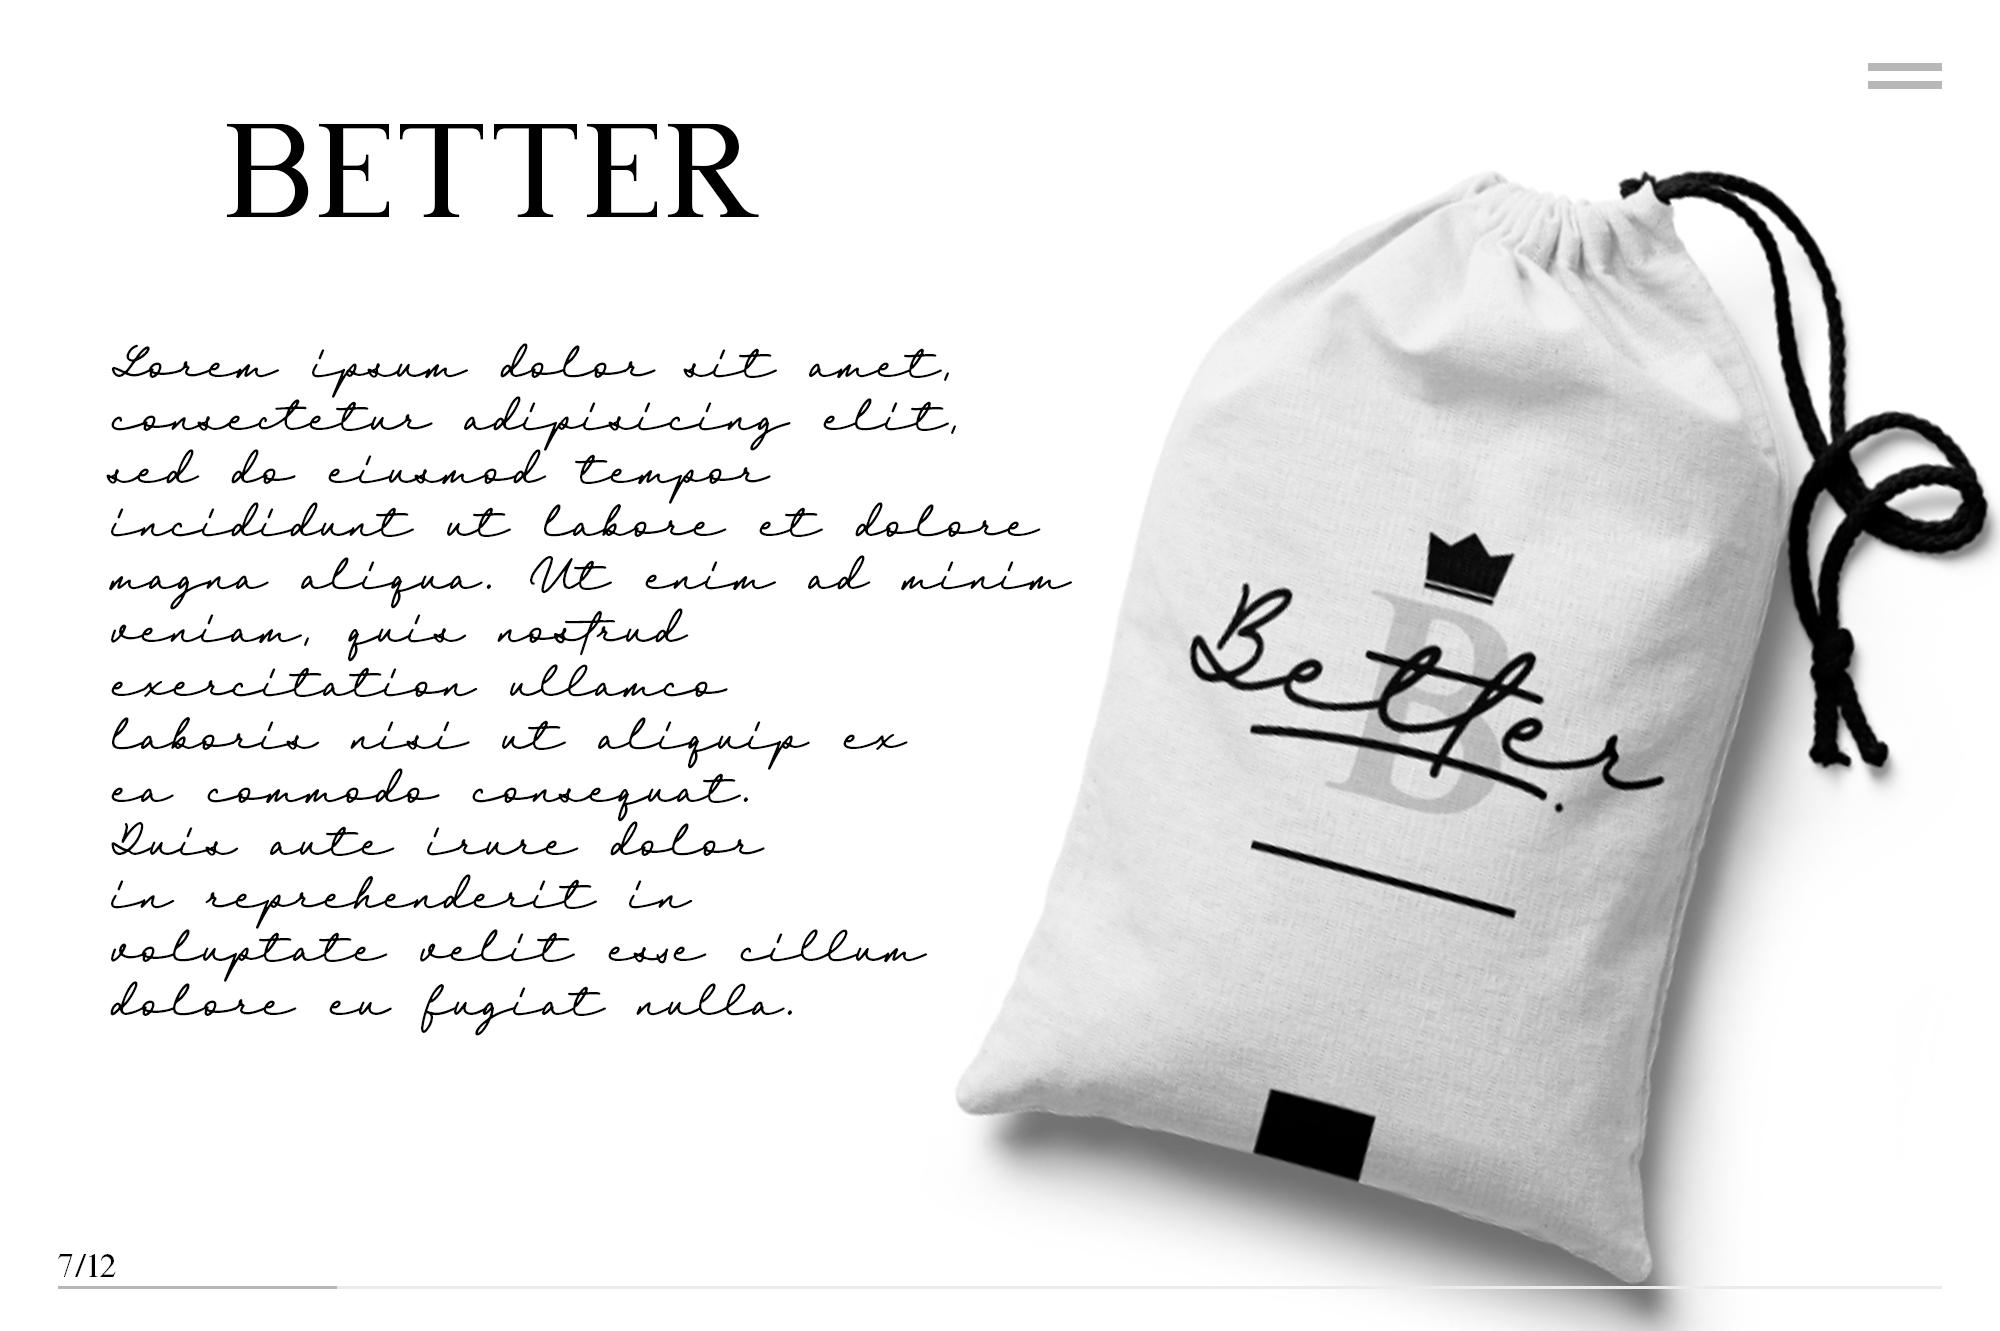 Britania Letter Signature Script example image 6